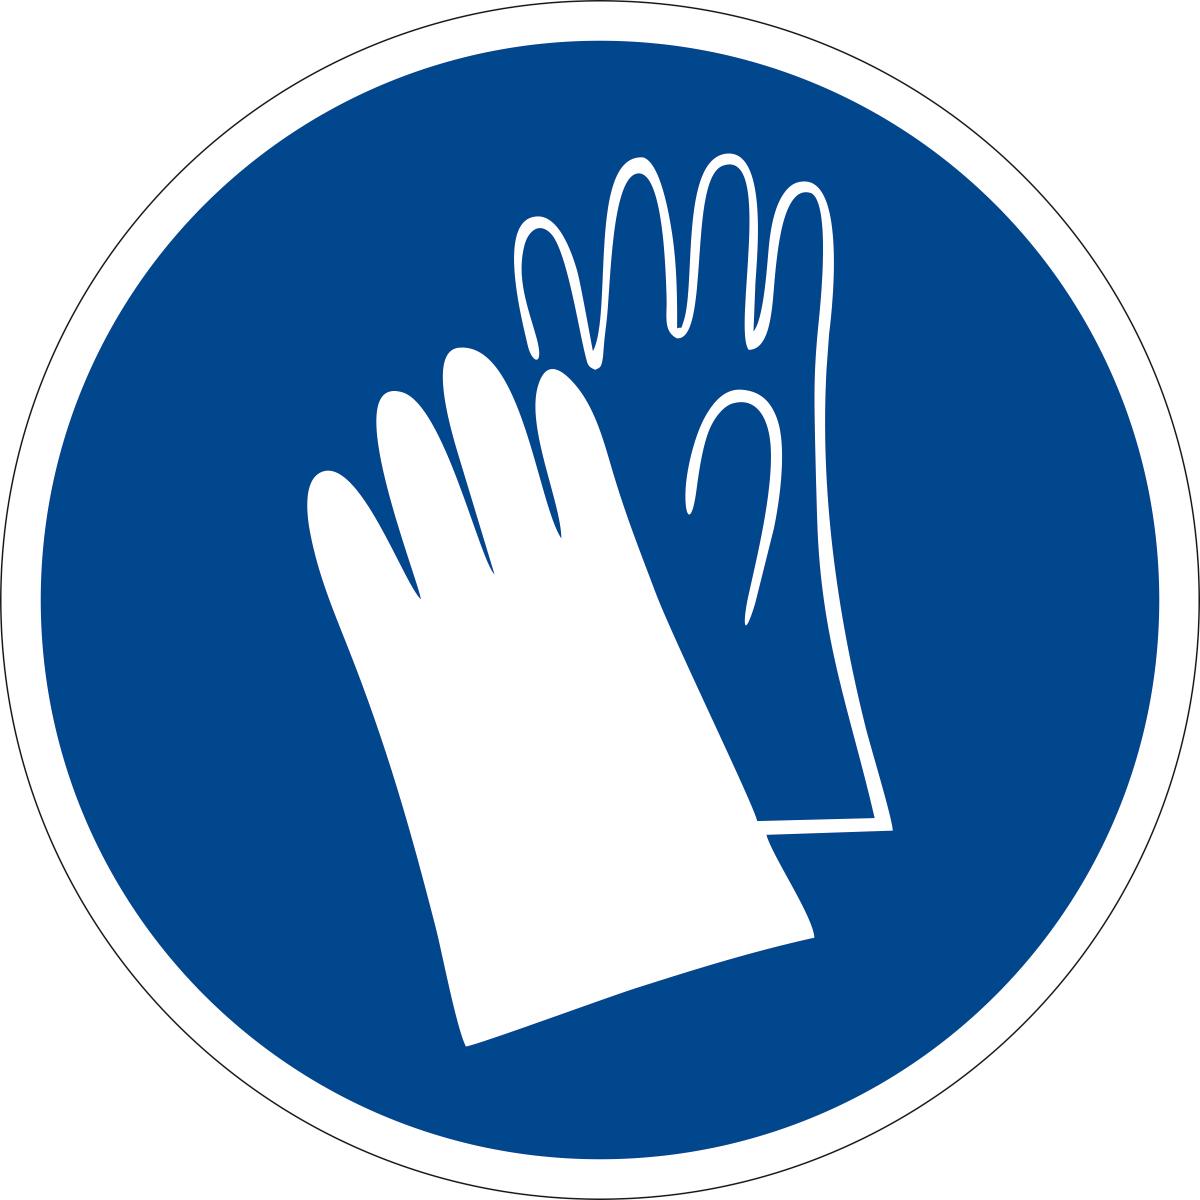 Наклейка информационная Оранжевый Слоник Работать в защитных перчатках, 15 х 15 смINR015RGBИнформационные наклейки предназначенны для предупреждения людей о непосредственной или возможной опасности, запрещения, предписания или разрешения определенных действий, а также для информации о расположении объектов и средств, использование которых ислючает или снижает воздействие опасных и (или) вредных факторов.